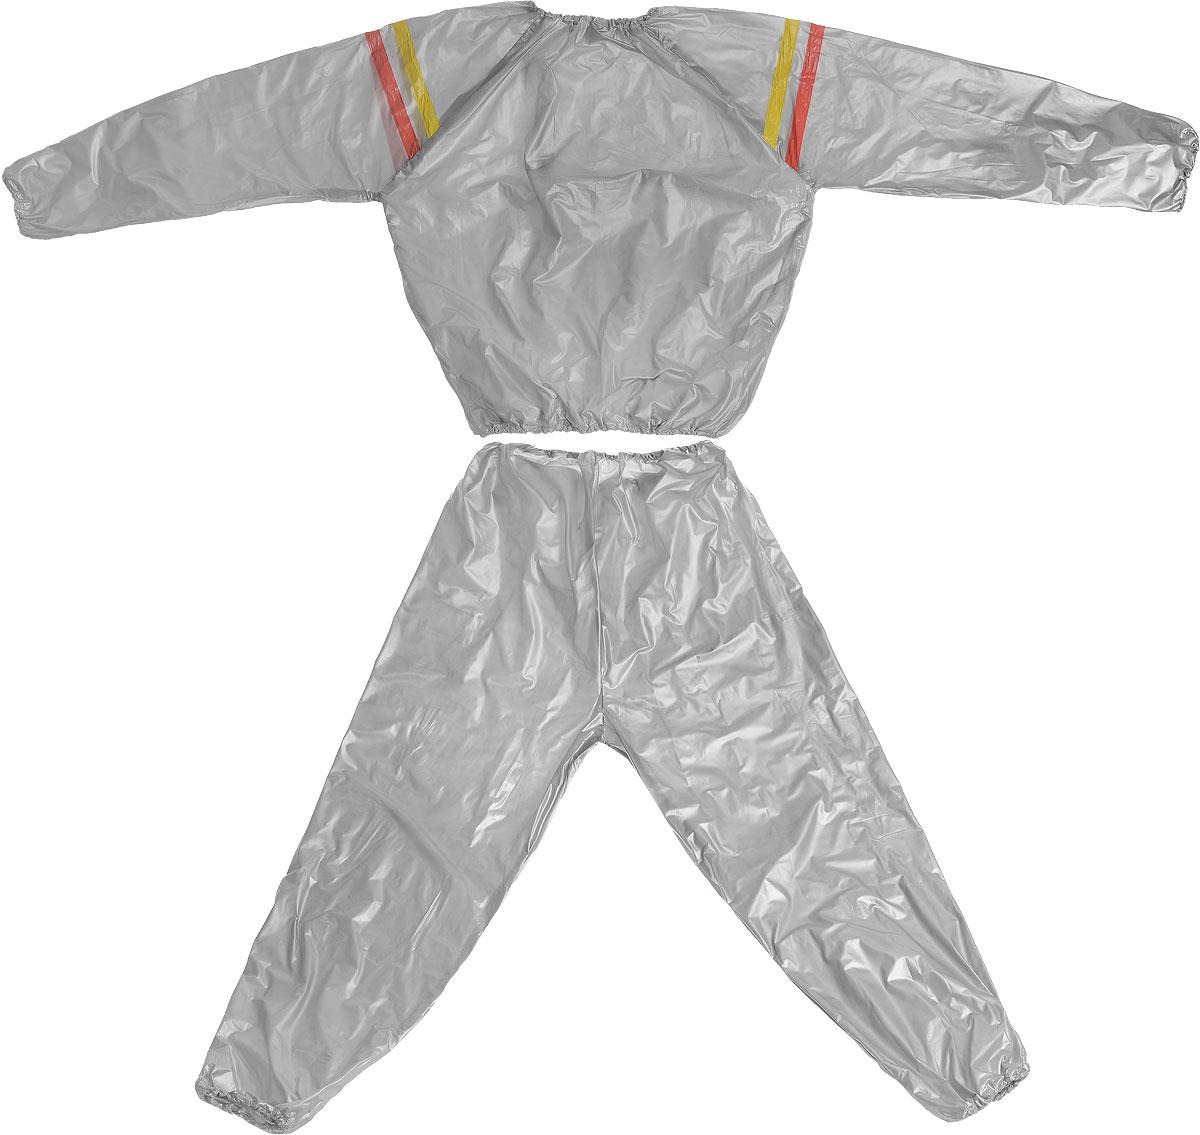 Костюм сауна Ironmaster, цвет: серый, желтый. Размер MIR97901_MКостюм-сауна Ironmaster изготовлен из ПВХ. Предназначен для интенсивного сброса веса во время занятий аэробикой и атлетикой. Эффект основан на тепловом балансе организма. Костюм-сауна, созданный для профессиональных спортсменов с целью быстрого сбрасывания веса перед соревнованиями, сегодня широко используется обычными людьми. Костюм подходит и для женщин, и для мужчин. При использовании этого костюма у вас пропадает лишний вес, калории сжигаются в несколько раз быстрее, чем во время обычных физических нагрузок, а вы выглядите с каждым днем все более привлекательно.